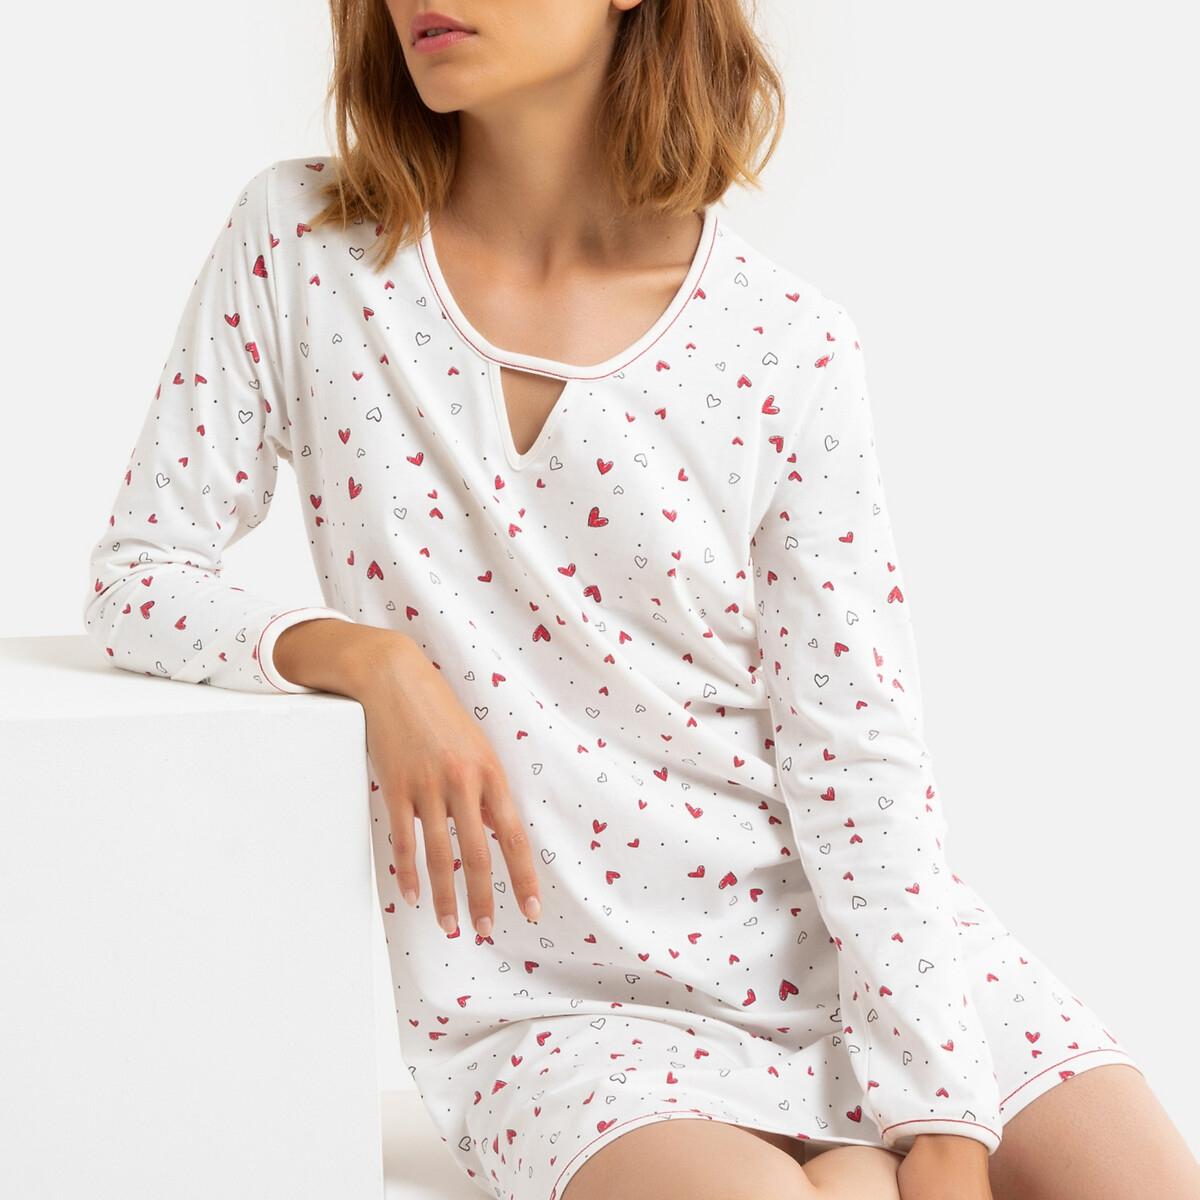 Chemise de nuit coton Latte imprimée